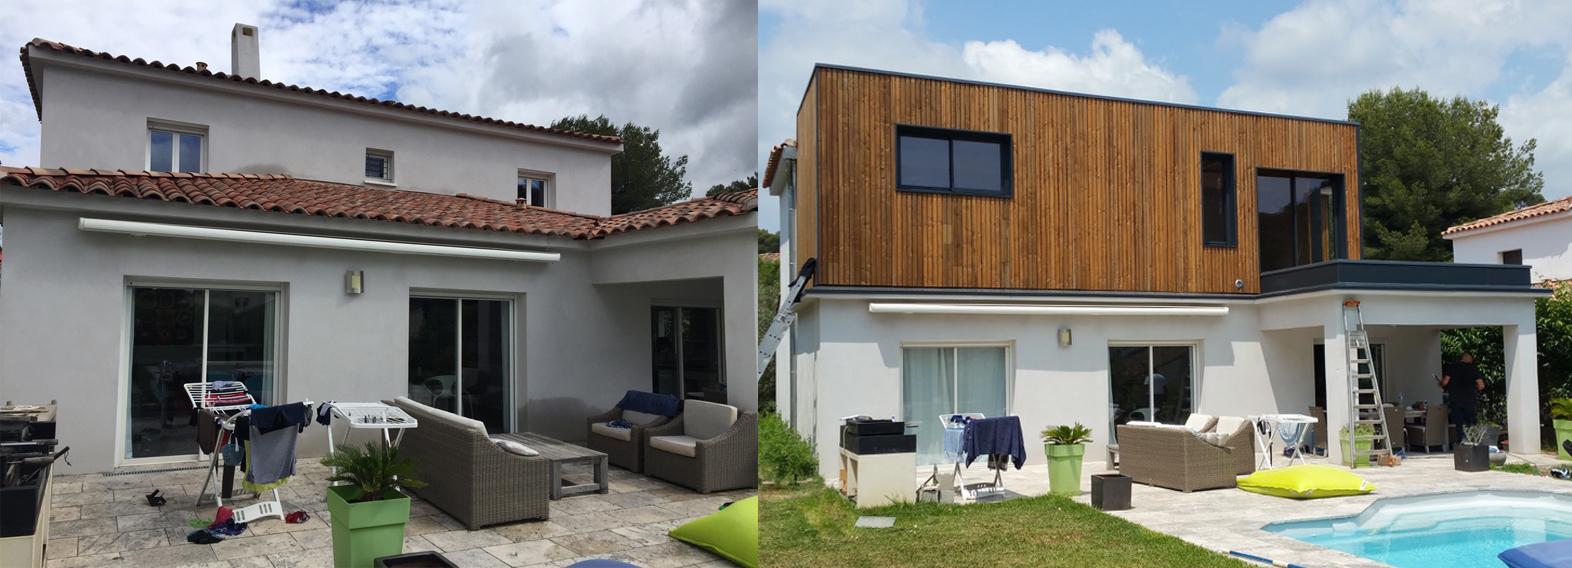 Ossature bois avant apr s r novation extension - Renovation maison avant apres ...